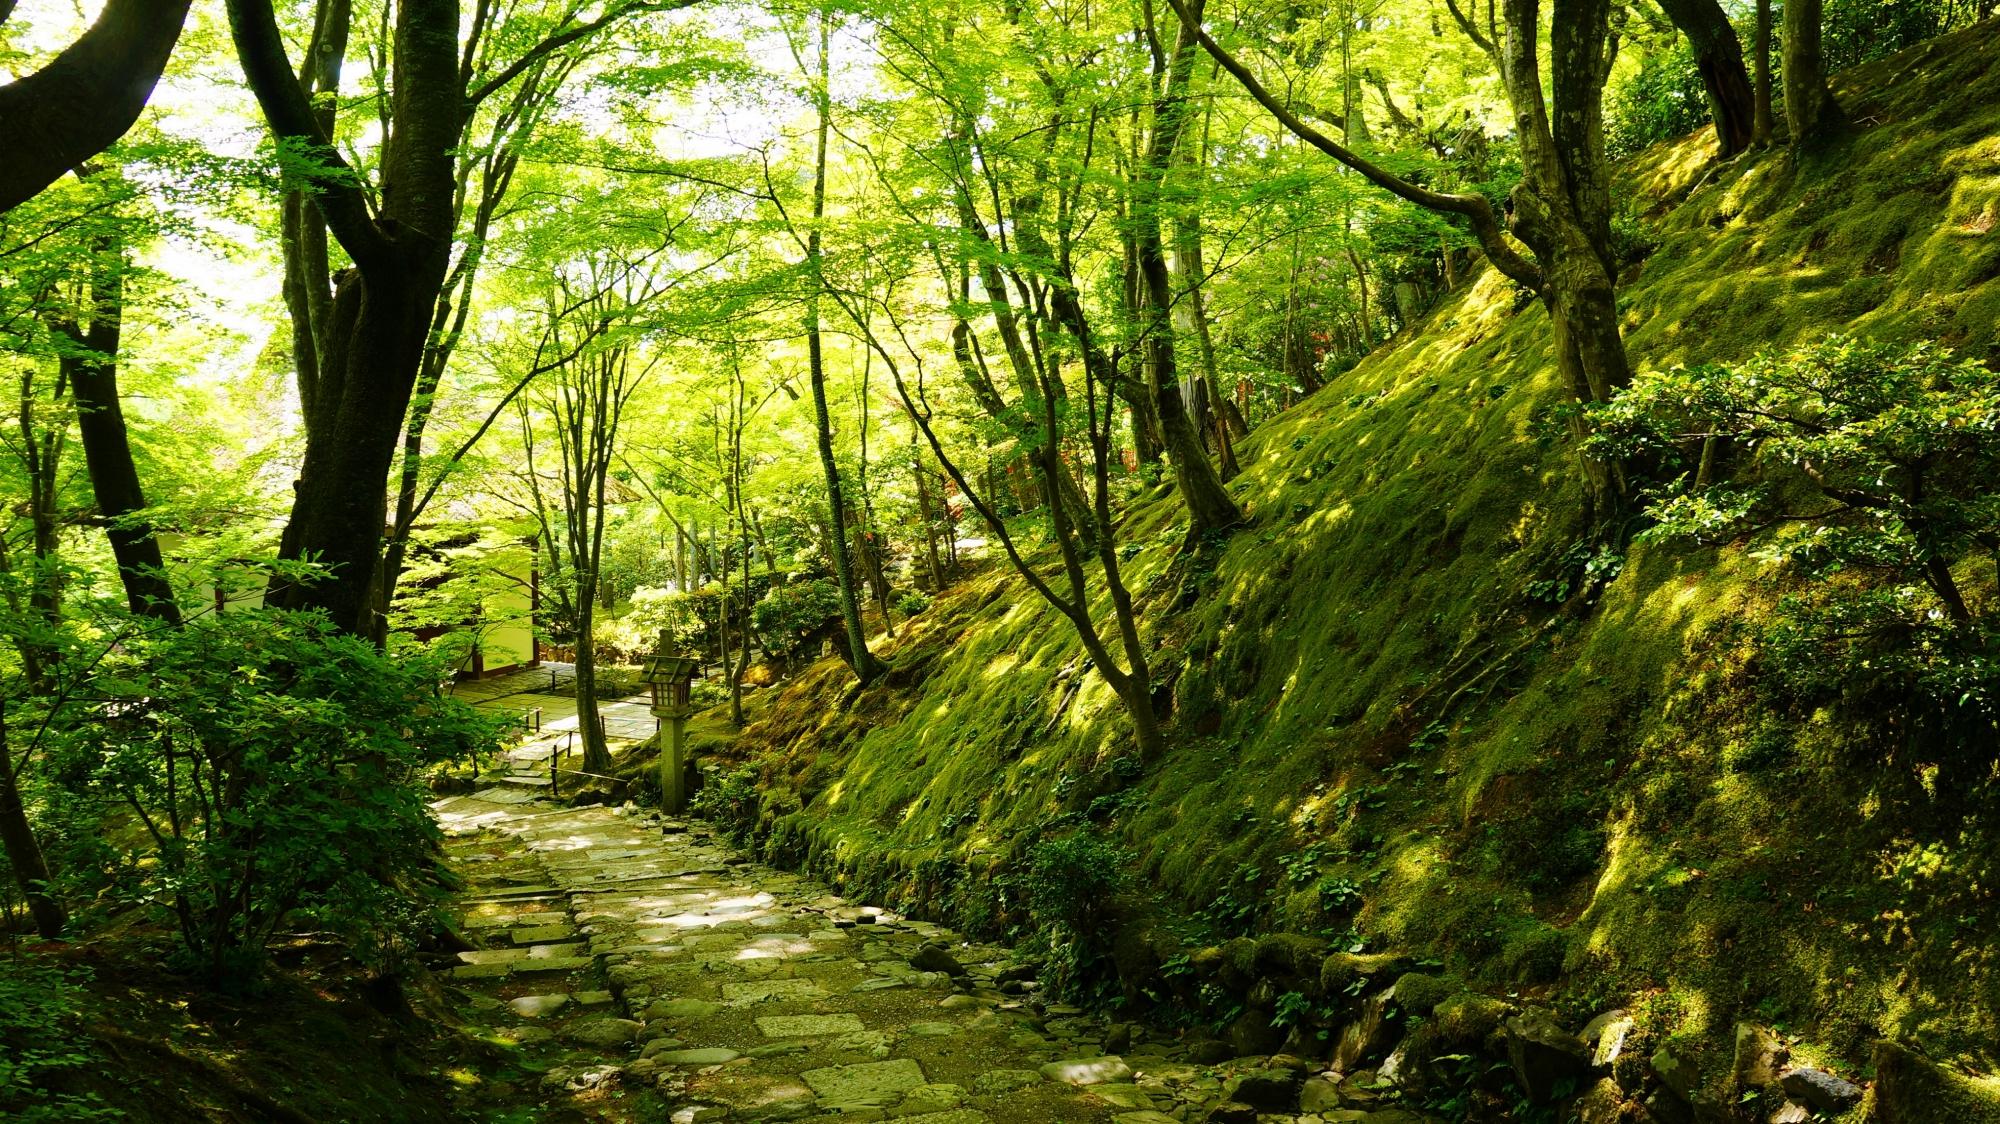 京都奥嵯峨のさわやかな緑